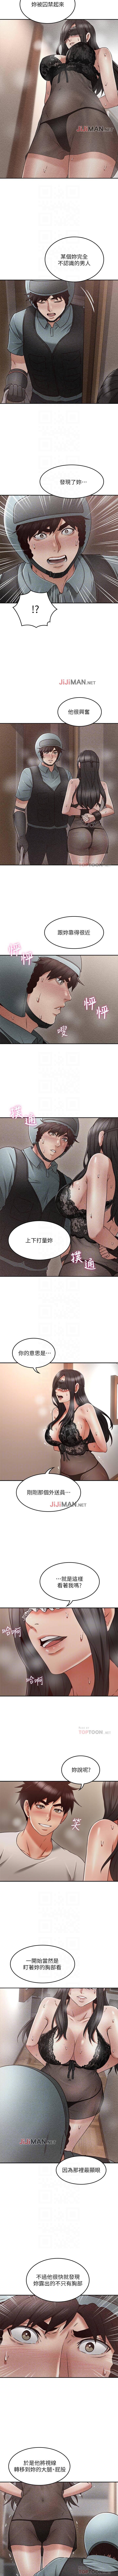 【周六更新】邻居人妻(作者:李周元 & 頸枕) 第1~50话 250